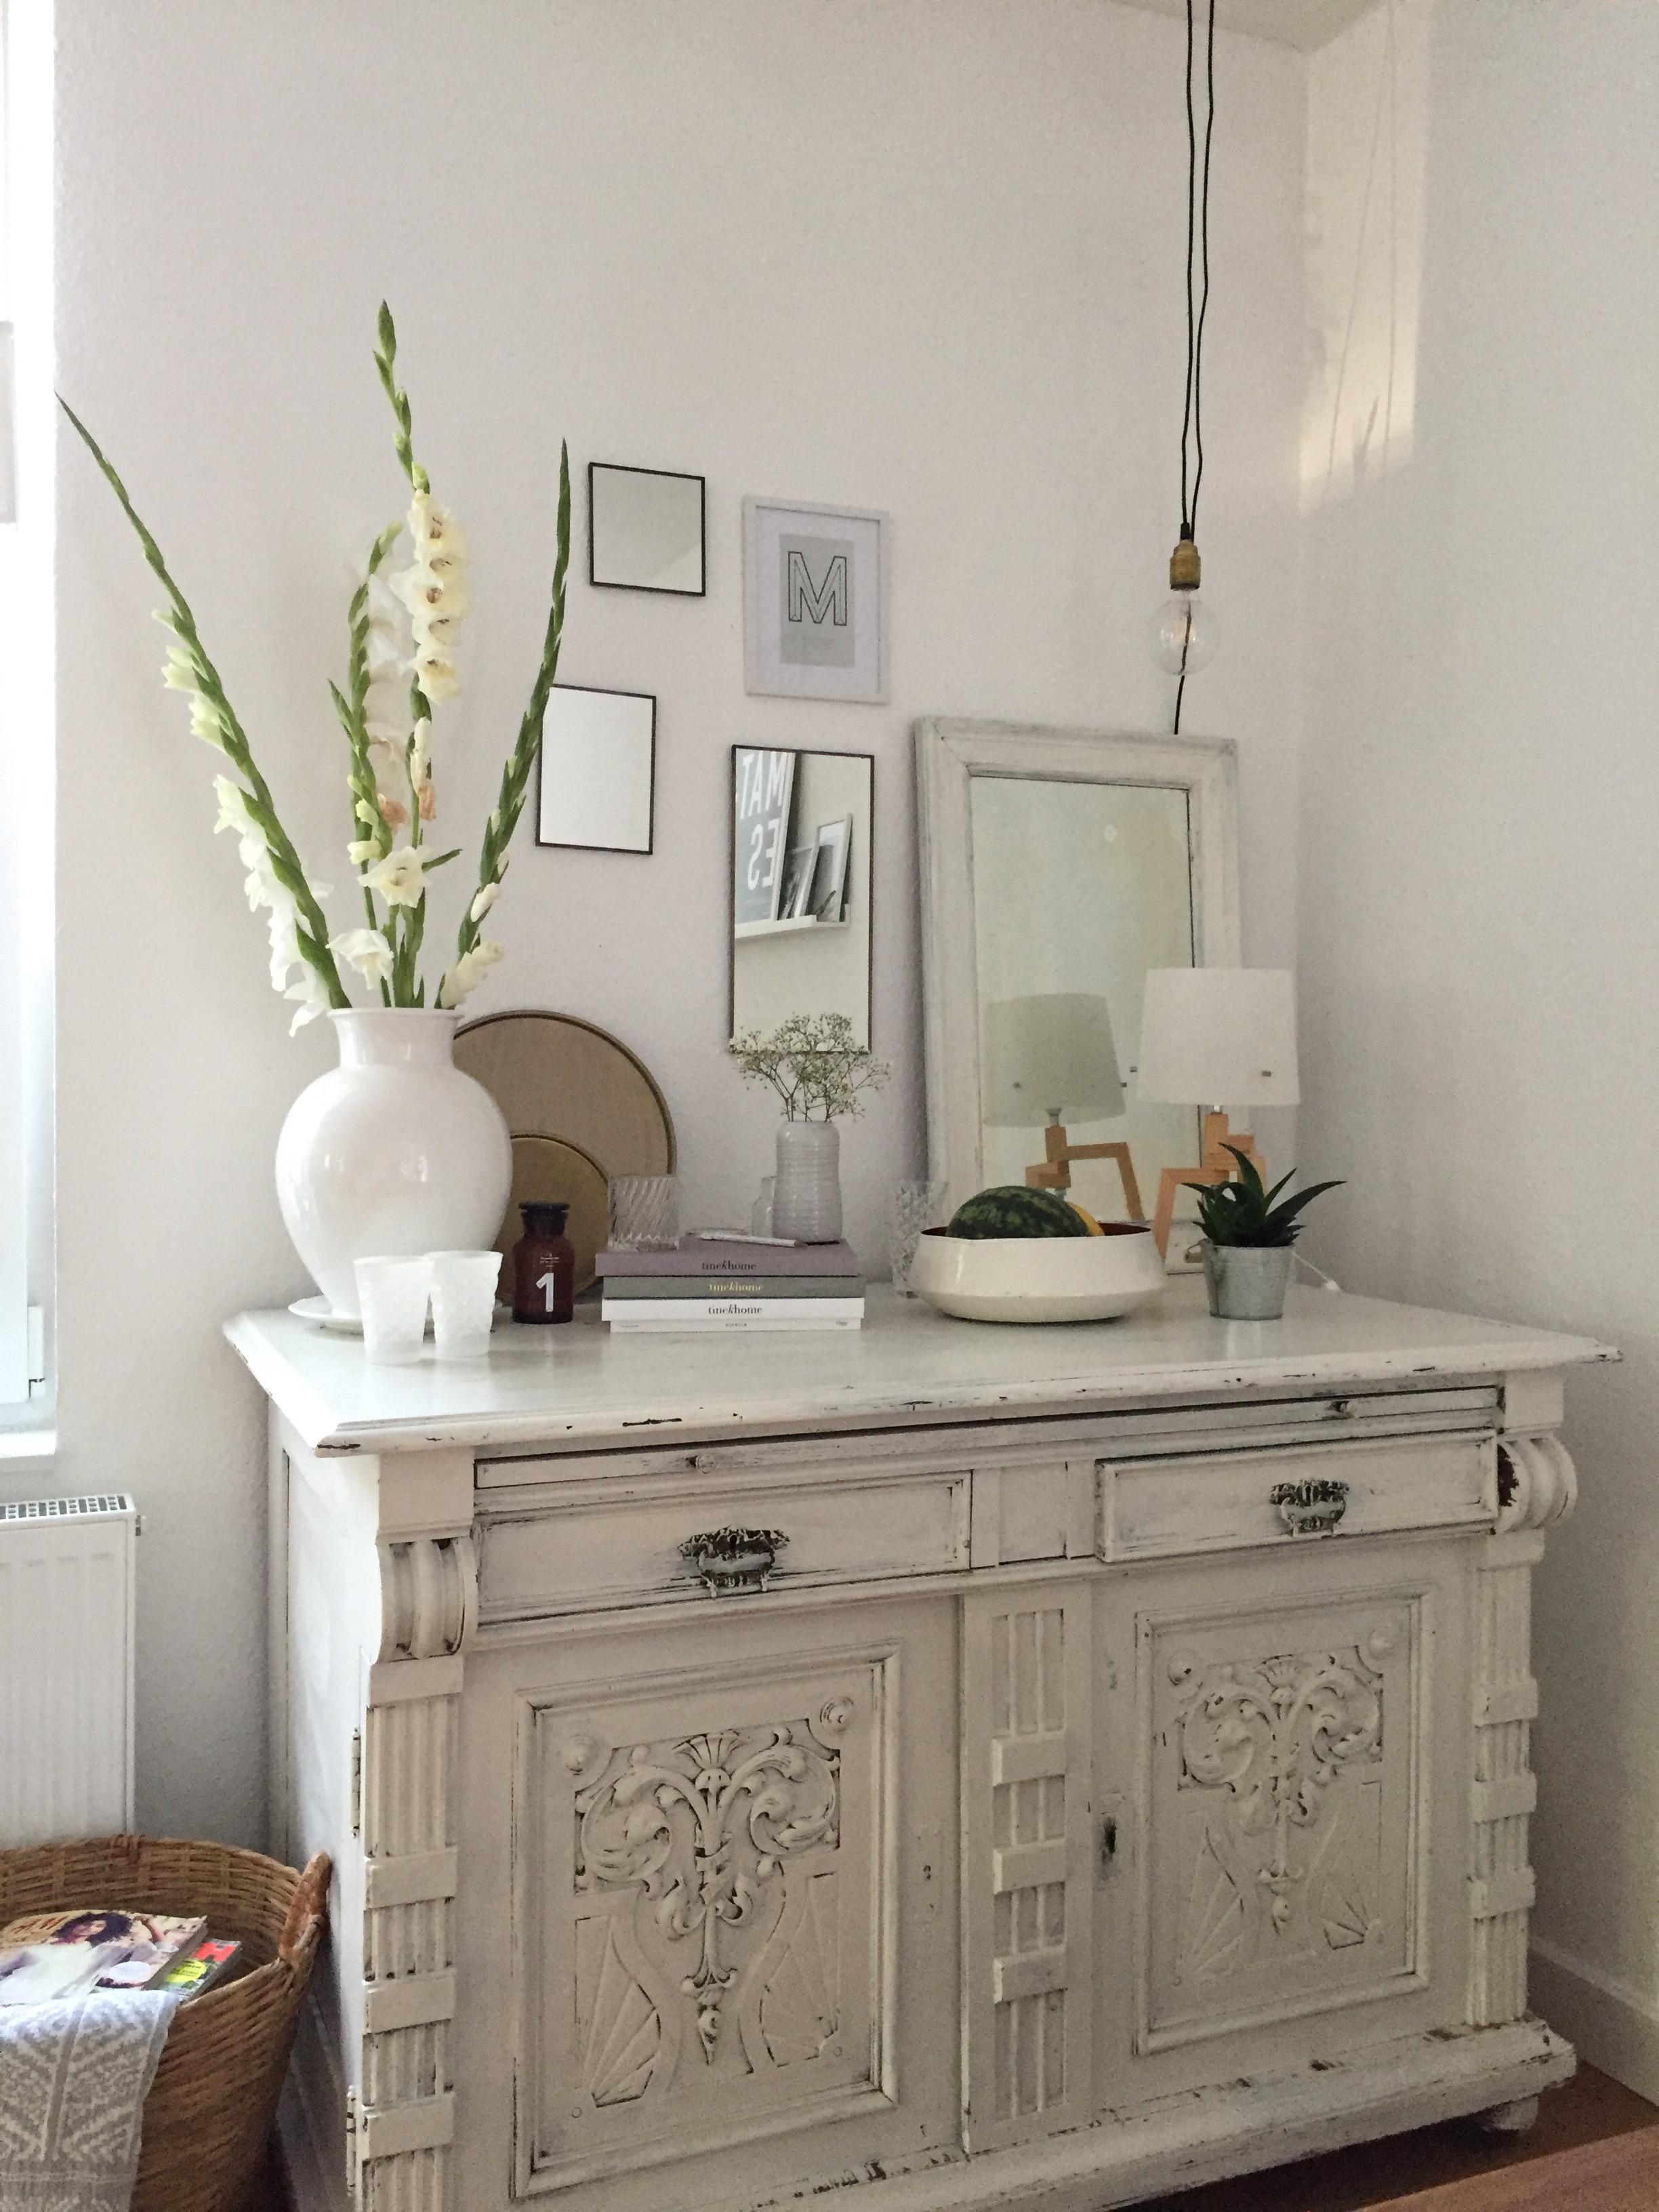 ausaltmachneu bilder ideen couch. Black Bedroom Furniture Sets. Home Design Ideas